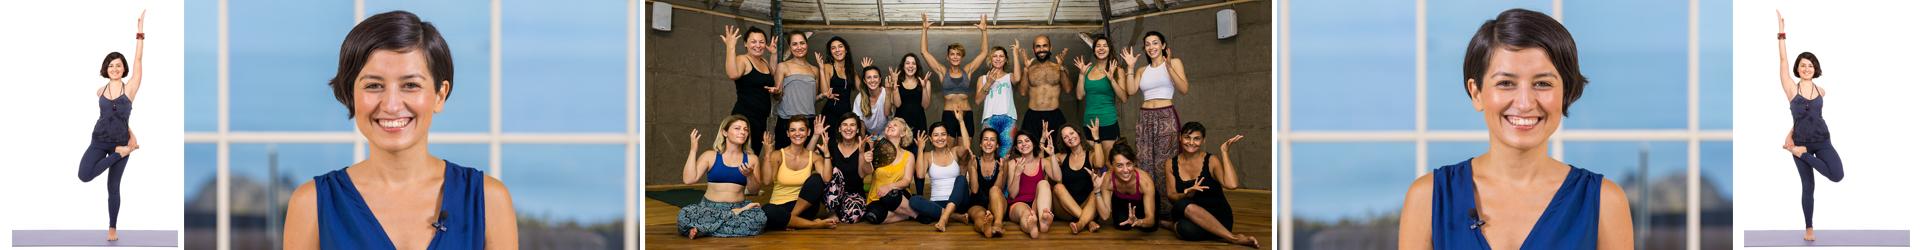 Zeynep Çelen Yoga